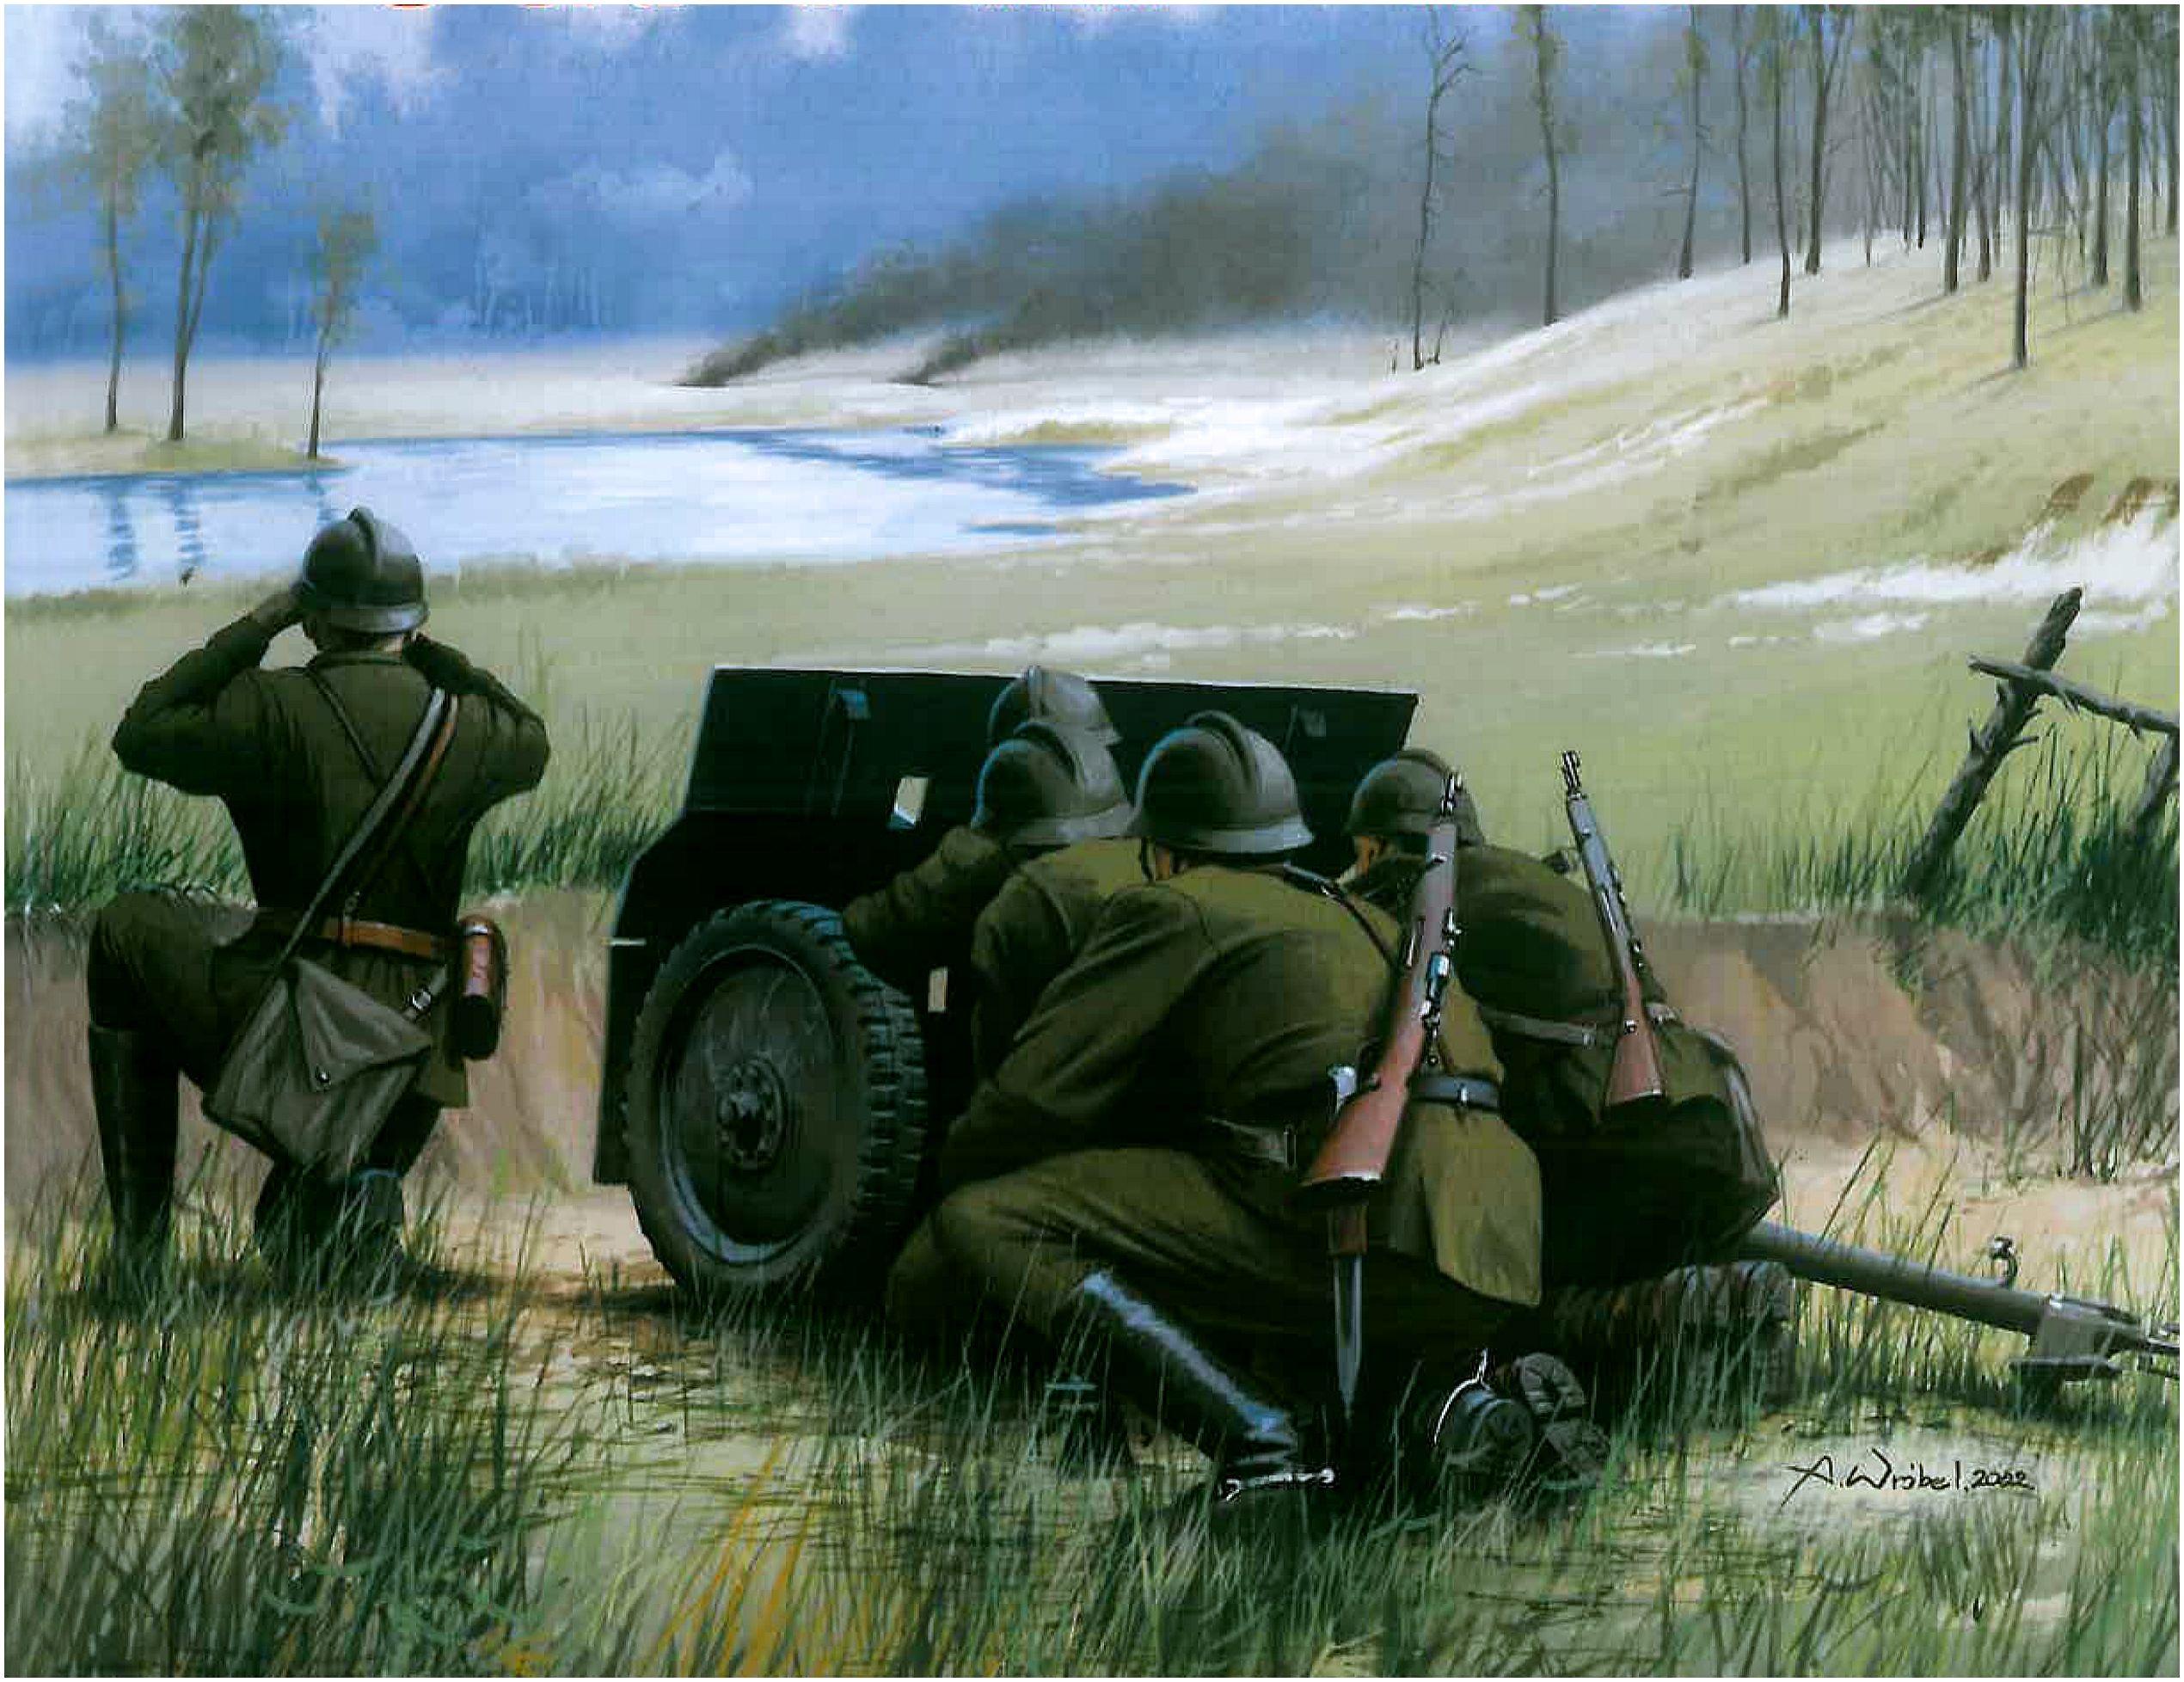 Wróbel Arkadiusz. Польские артиллеристы.